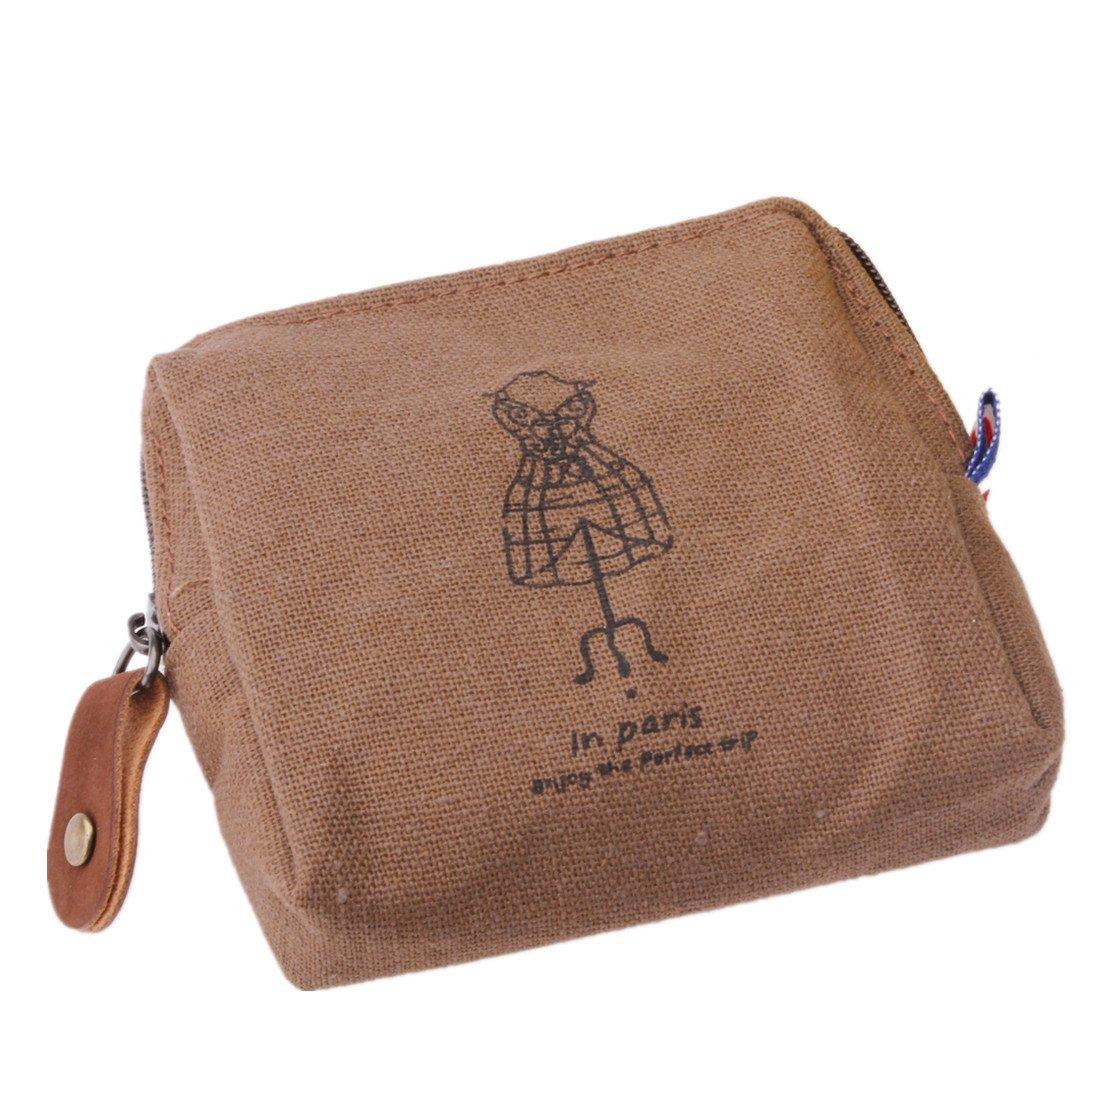 KINGSO Femme Fille Porte-Monnaie Pochette Sac Sachet Rétro Portable Pour Clé Clef Carte Portefeuille Wallet Cintre